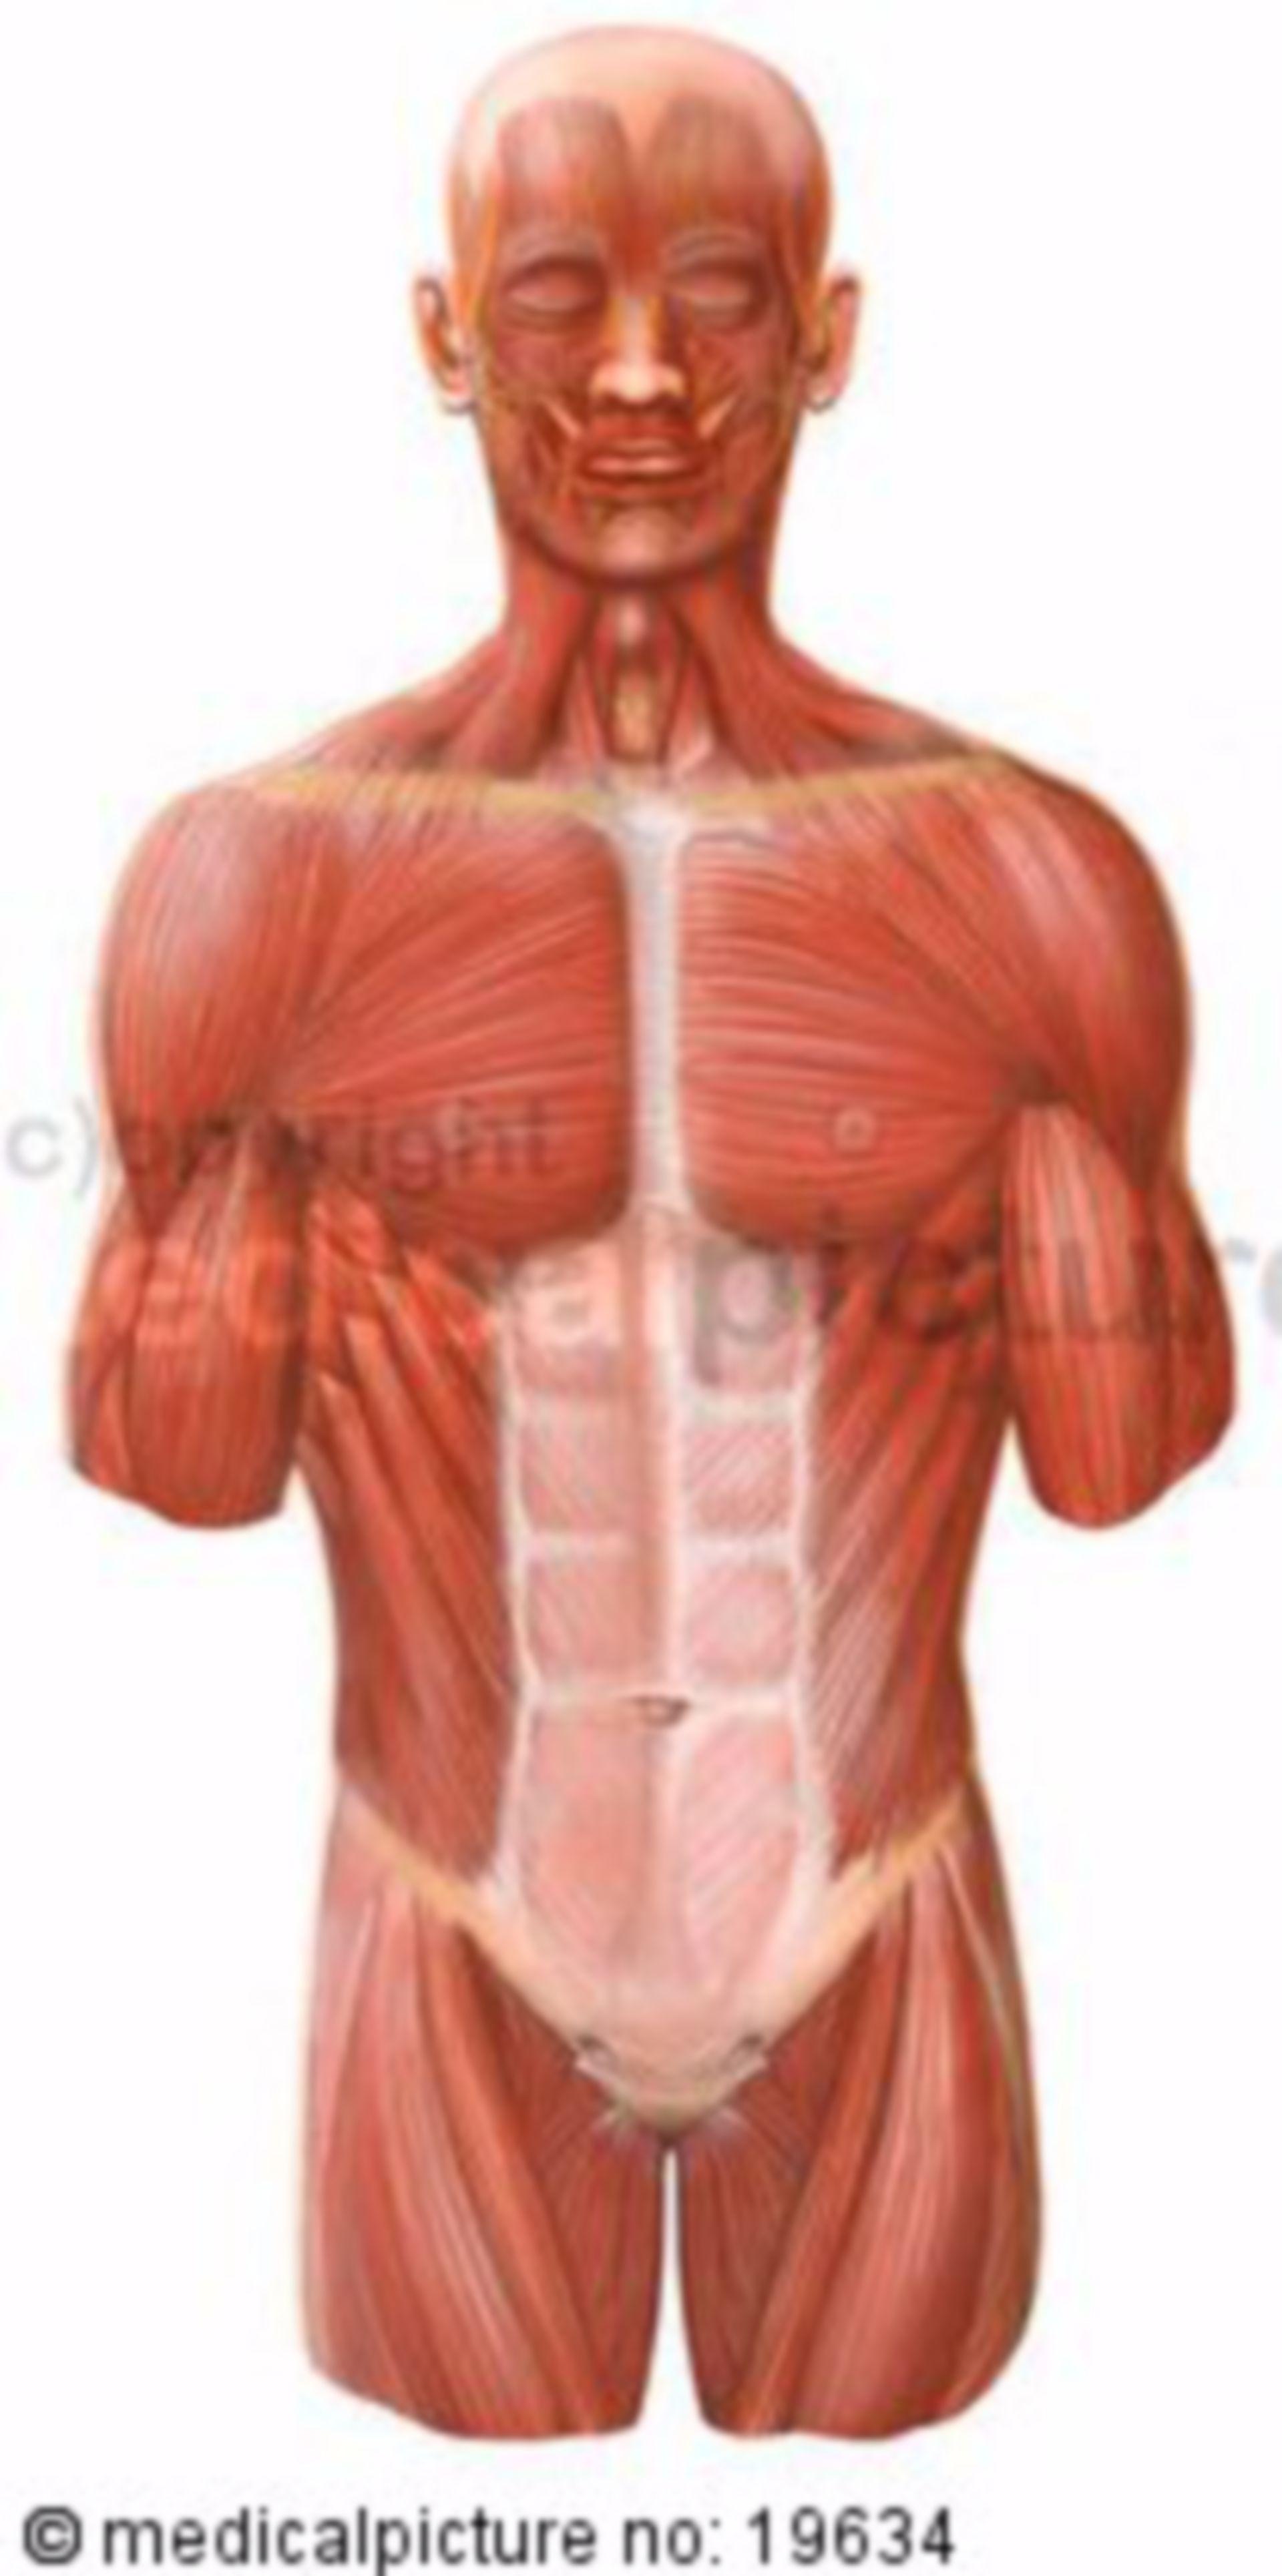 Human Torso, Ventral Musculature